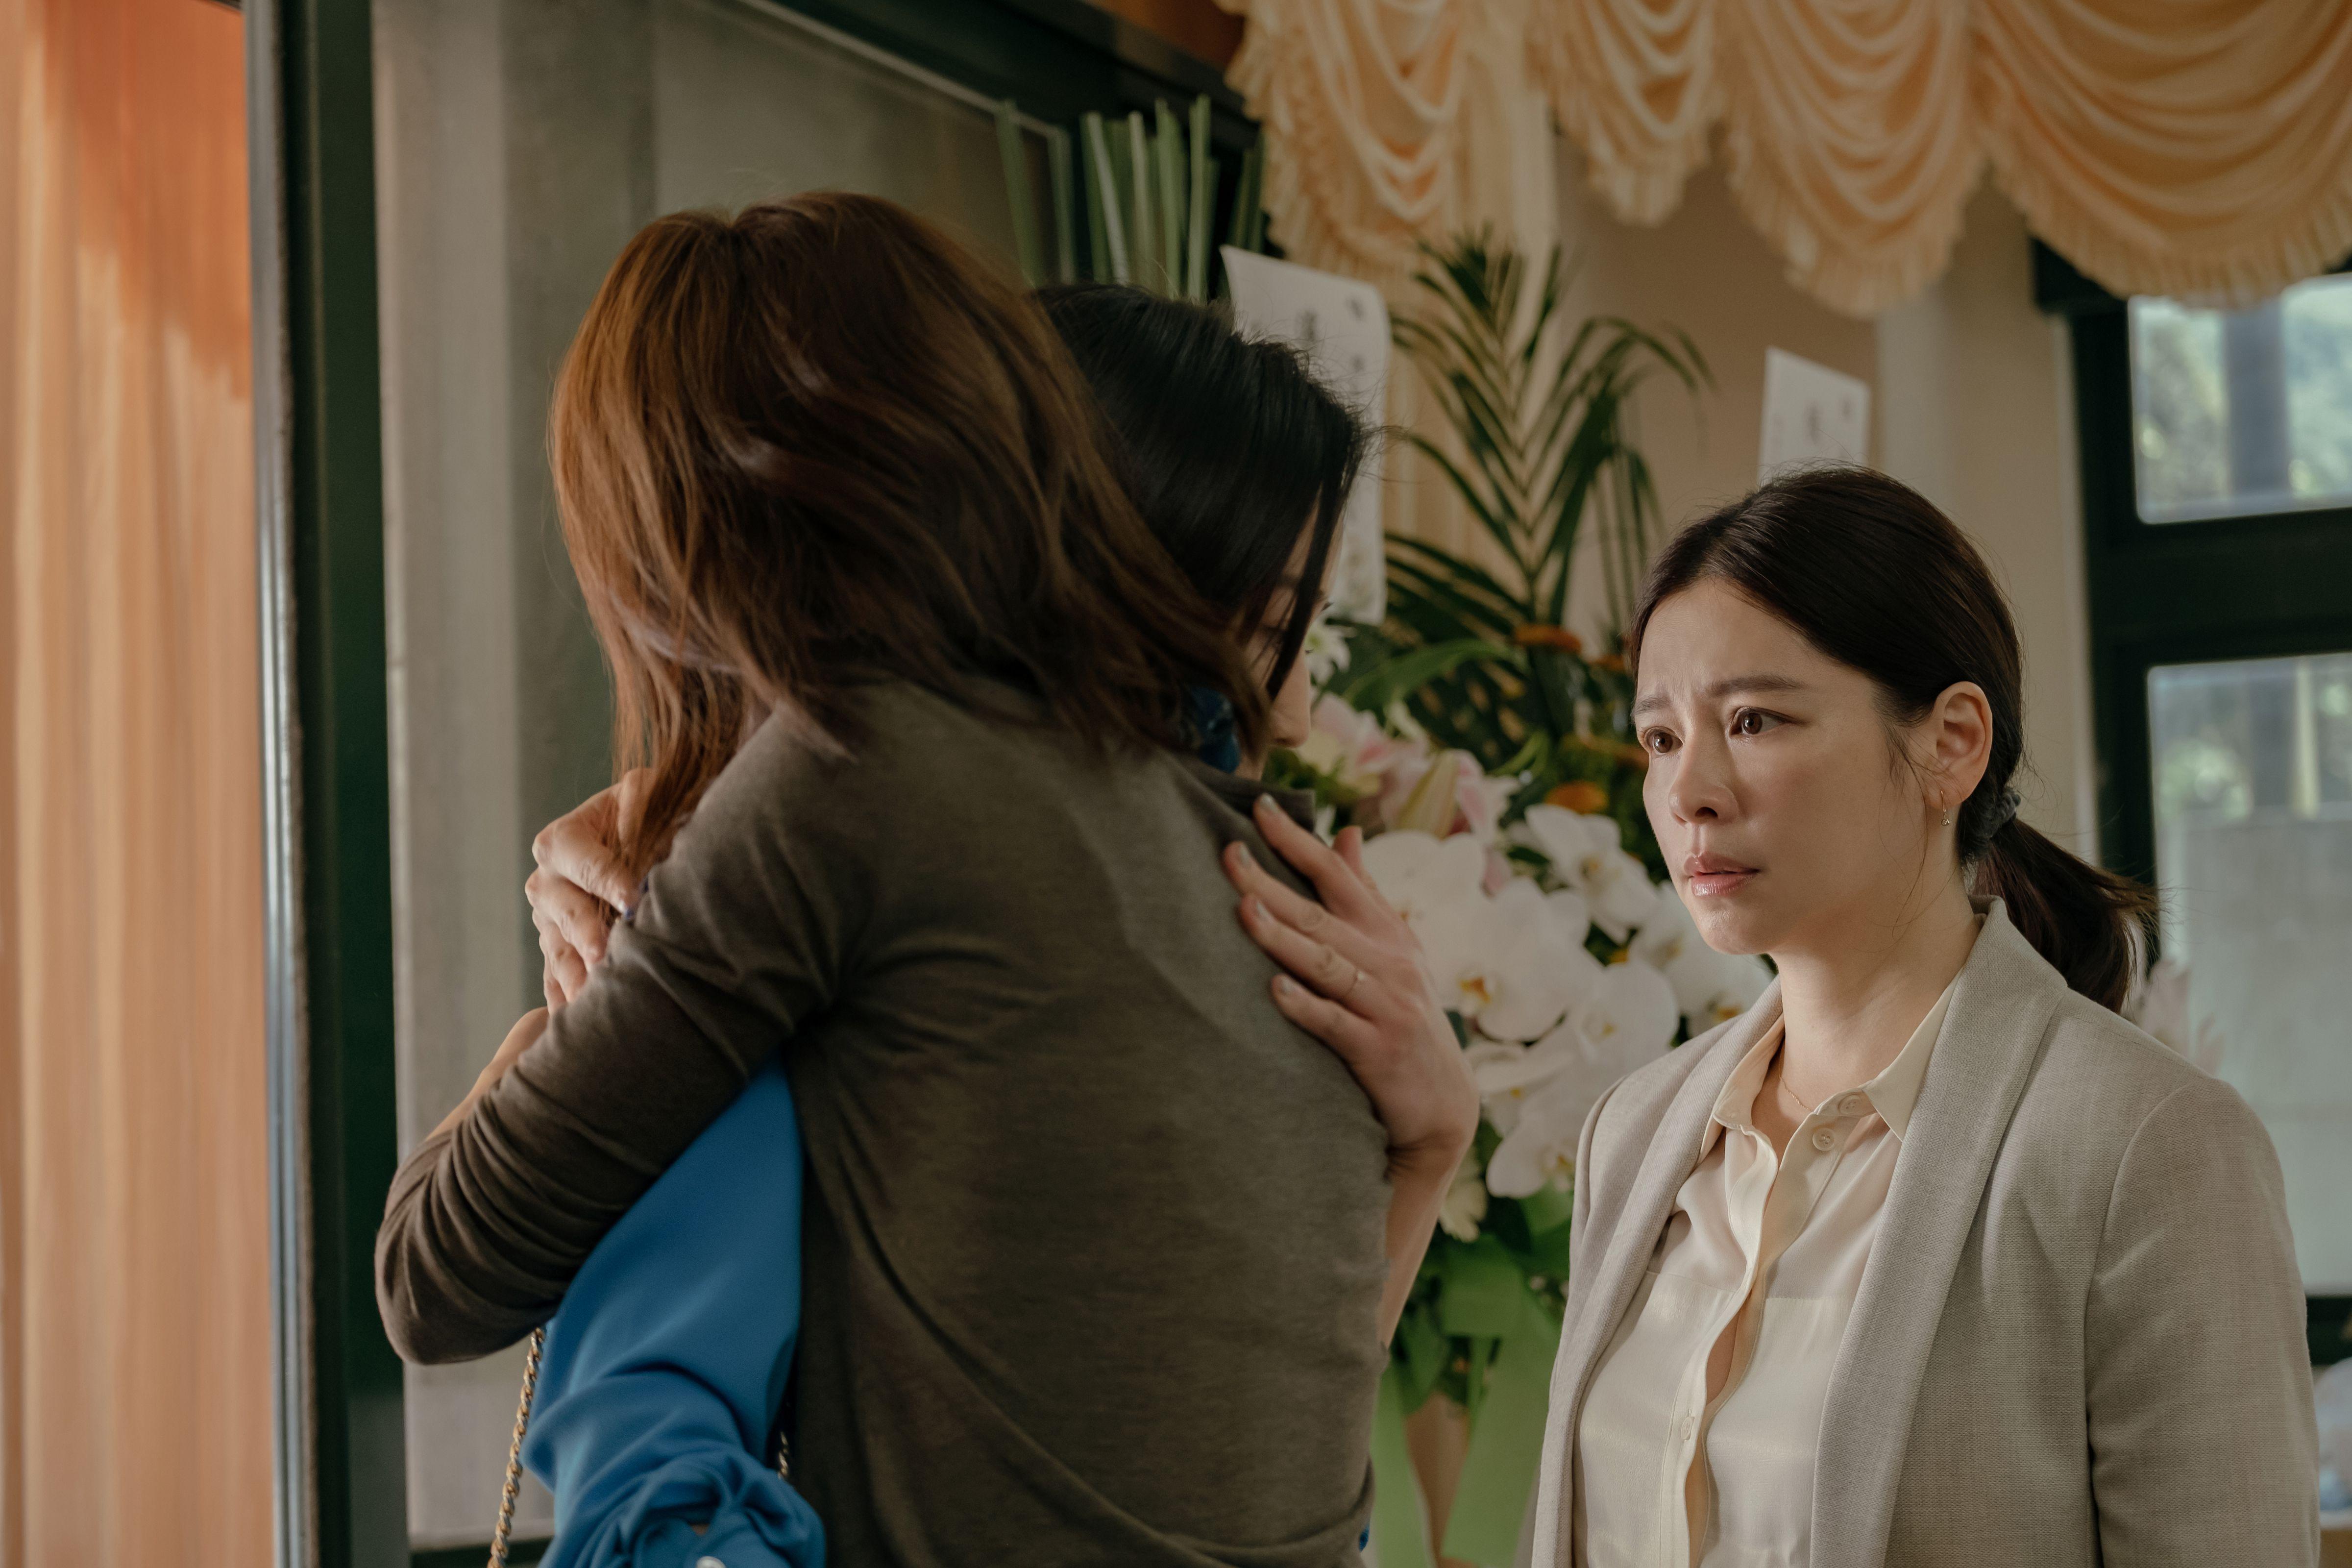 張鈞甯義氣相挺,為拍《孤味》在工作空檔中短暫飛回台灣演出